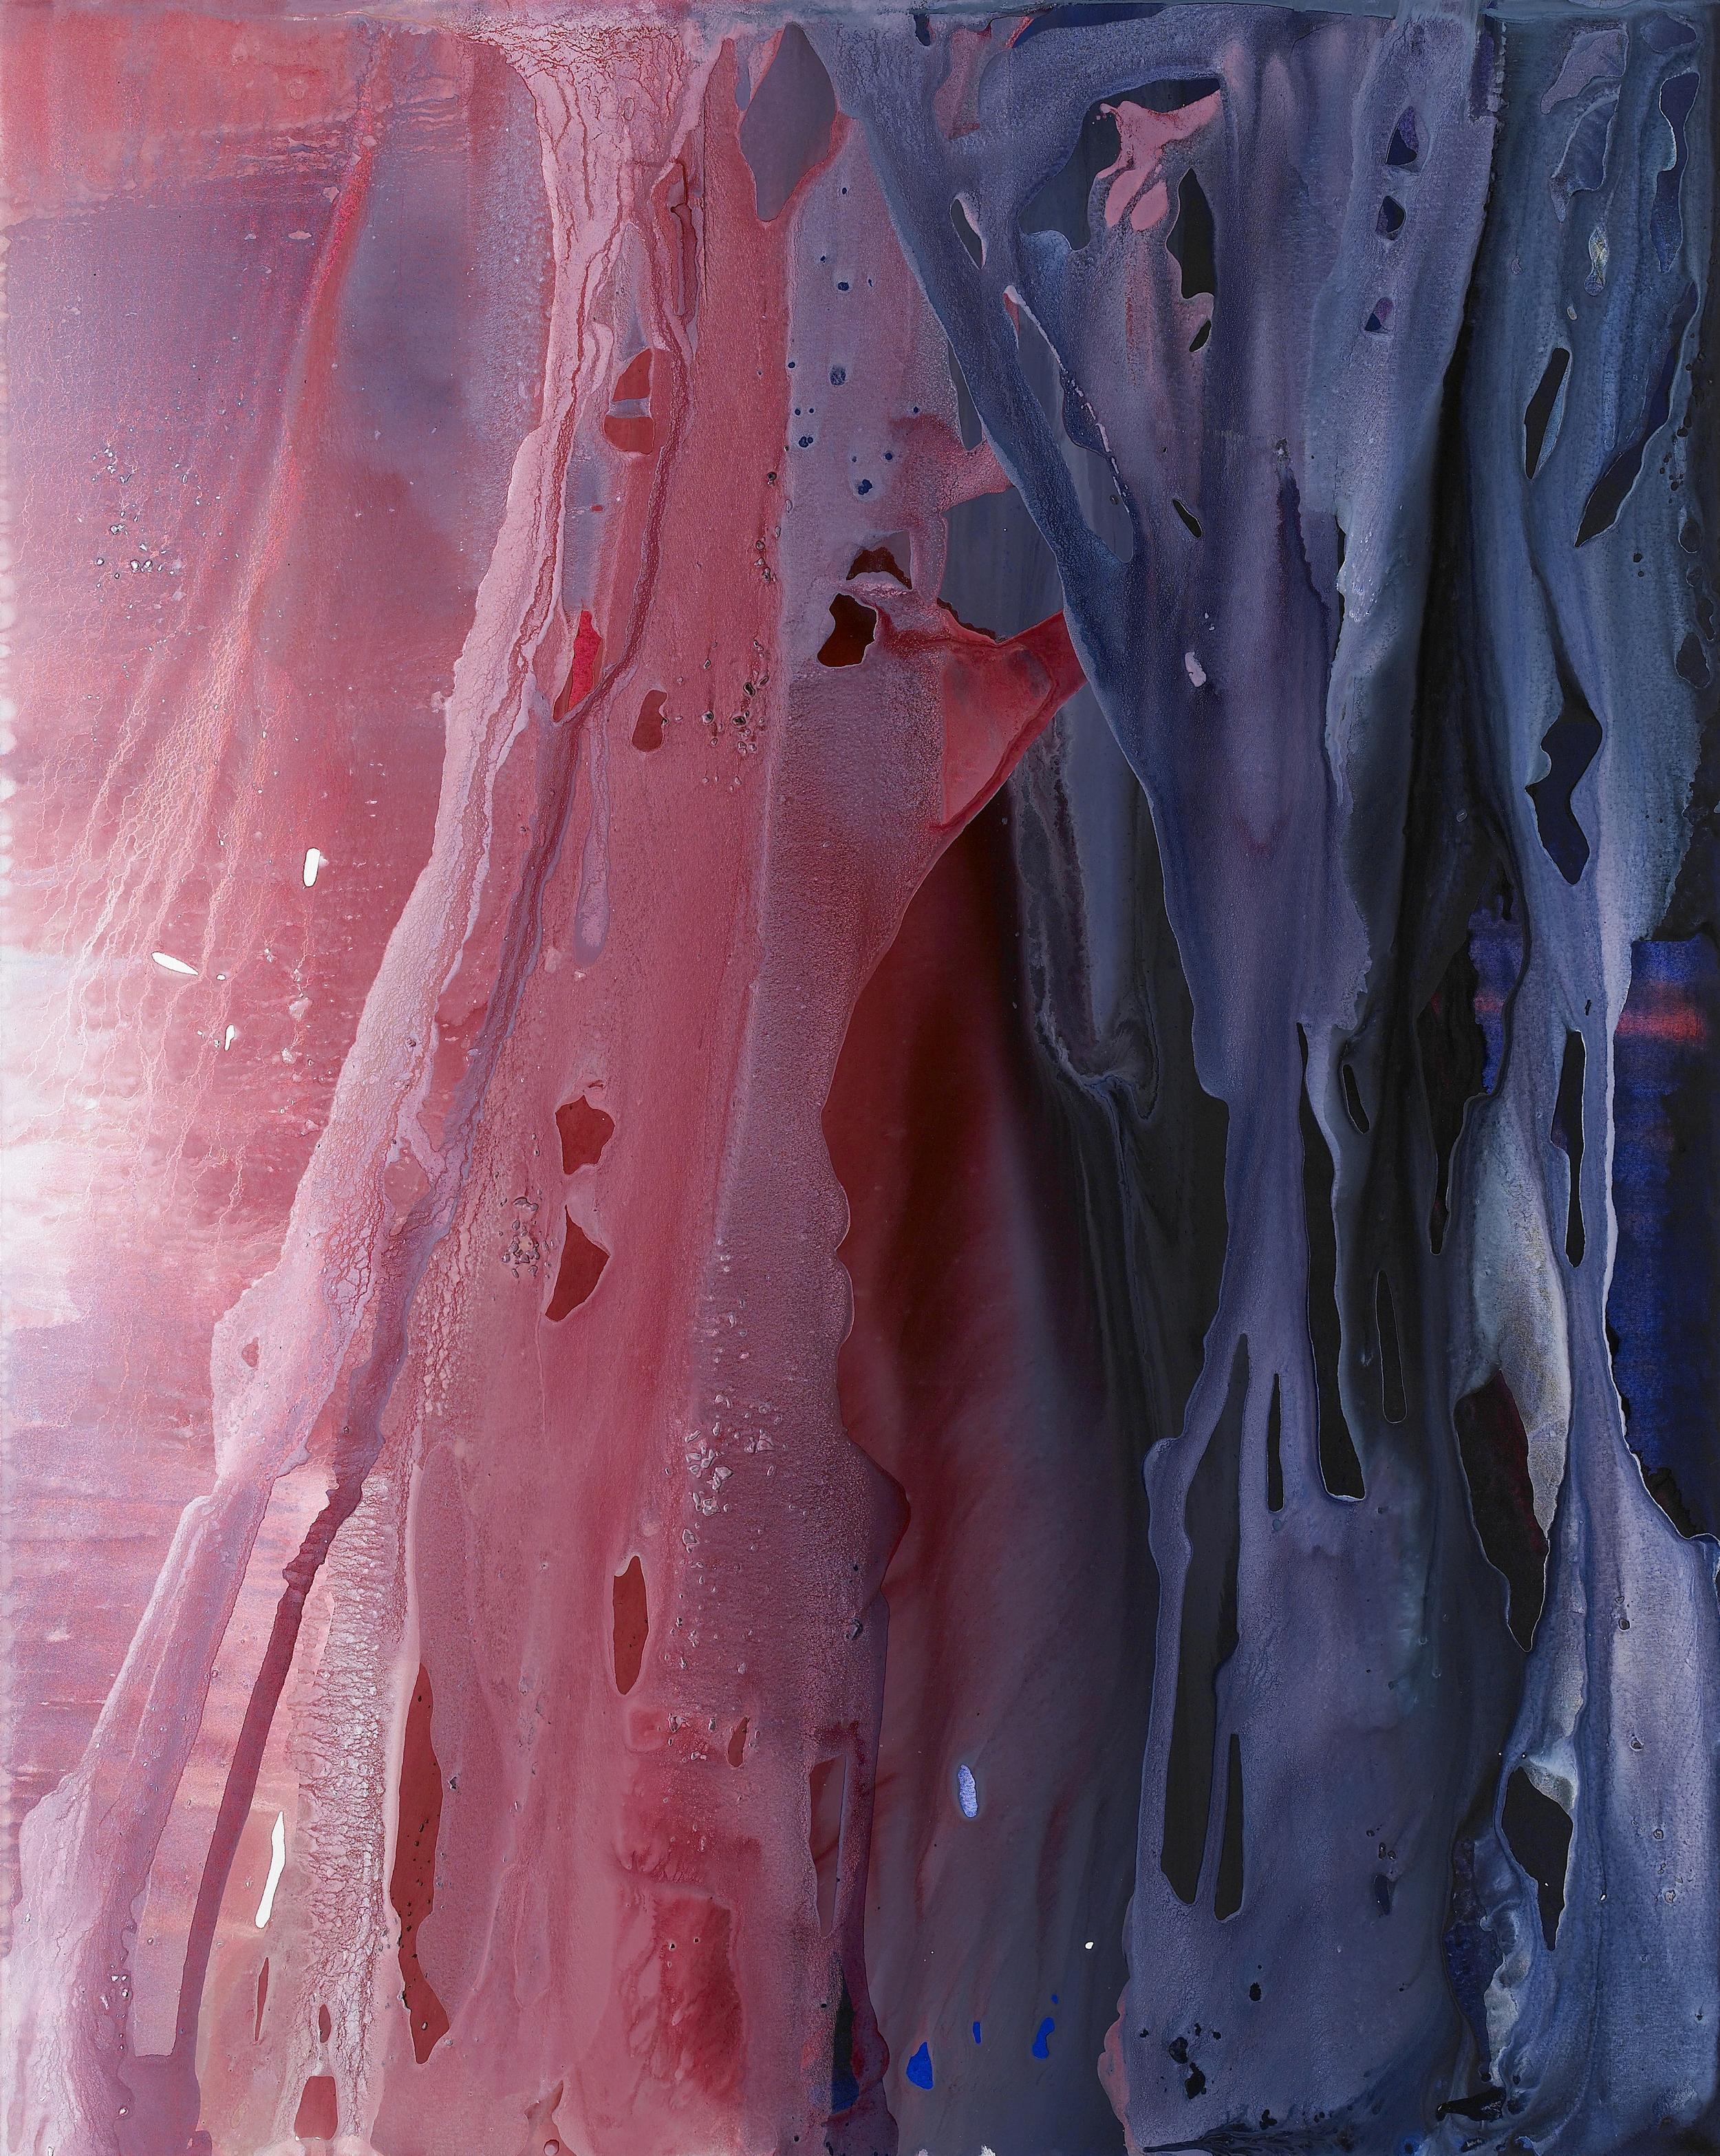 fall_04  acrylic on canvas  130 cm X 162 cm  2013